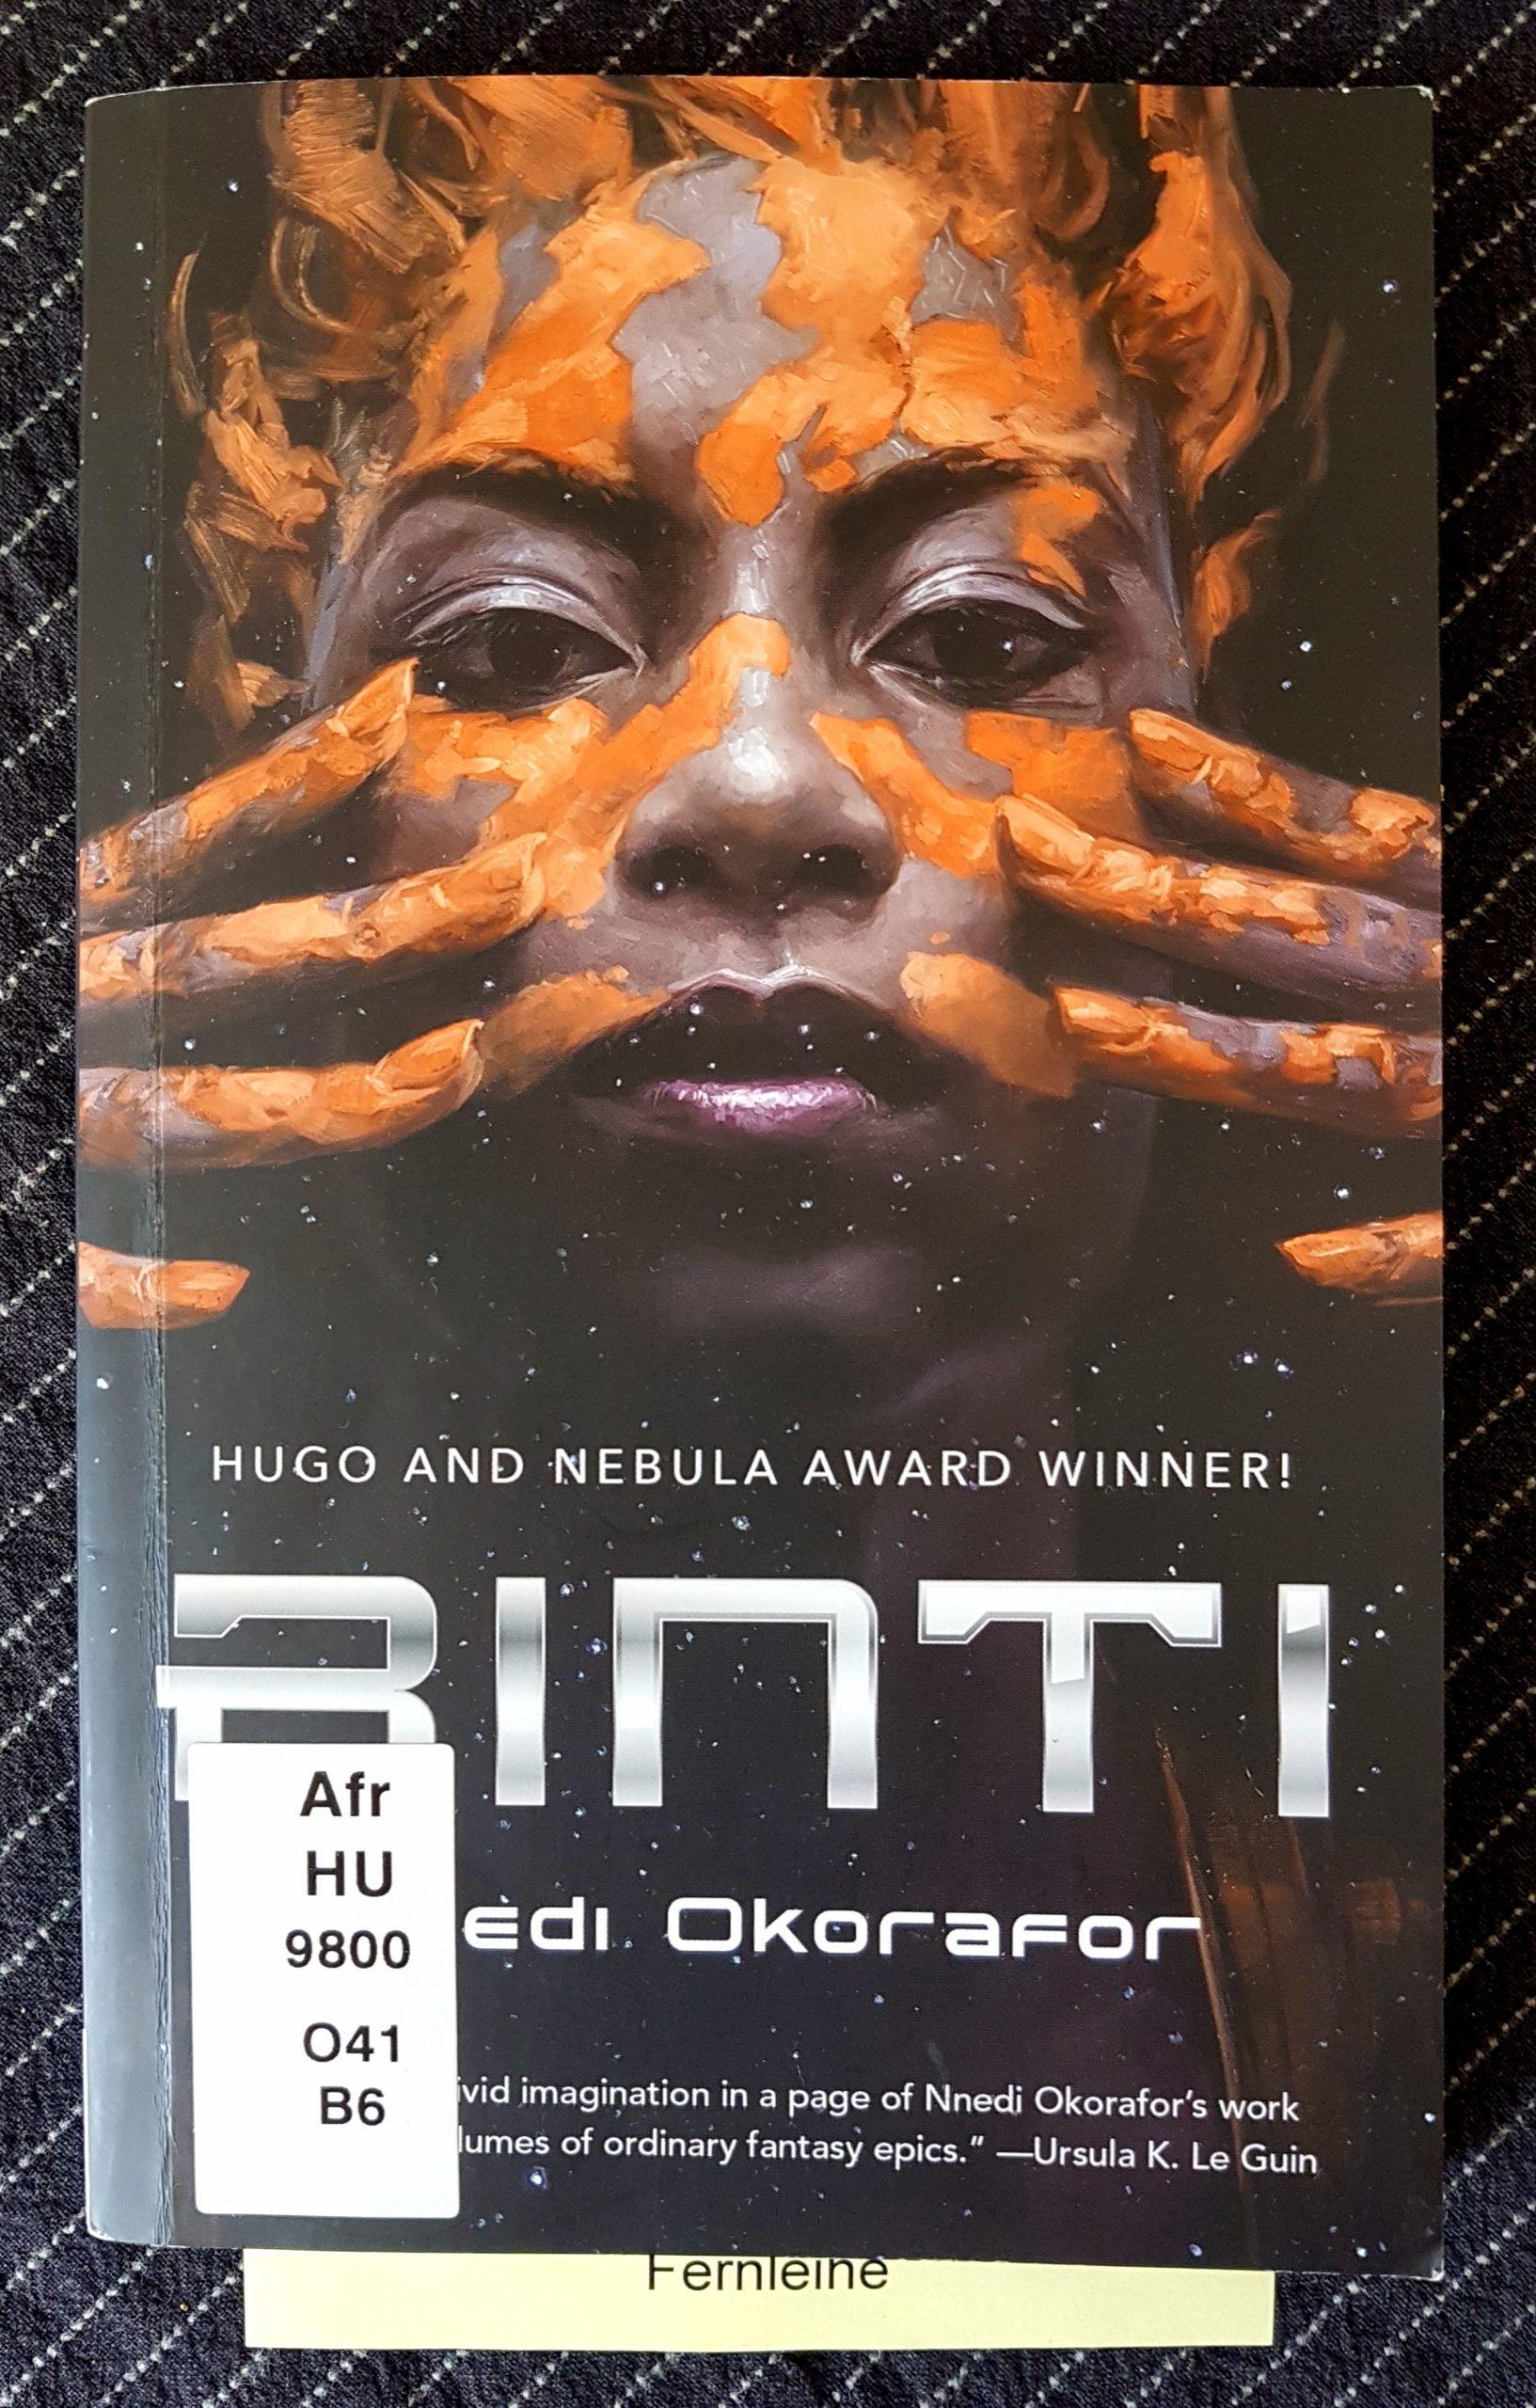 Buchdeckel von »Binti« von Nnedi Okorafor. Vor dunklem Hintergrund trägt ein junge schwarze Frau mit den Fingern ockerfarbenes Otjize in der Tradition der OvaHimba auf ihr Gesicht und die Haare auf. Sie schaut direkt in die Kamera. Aus dem Buch guckt ein Zettel mit dem Wort Fernleihe.